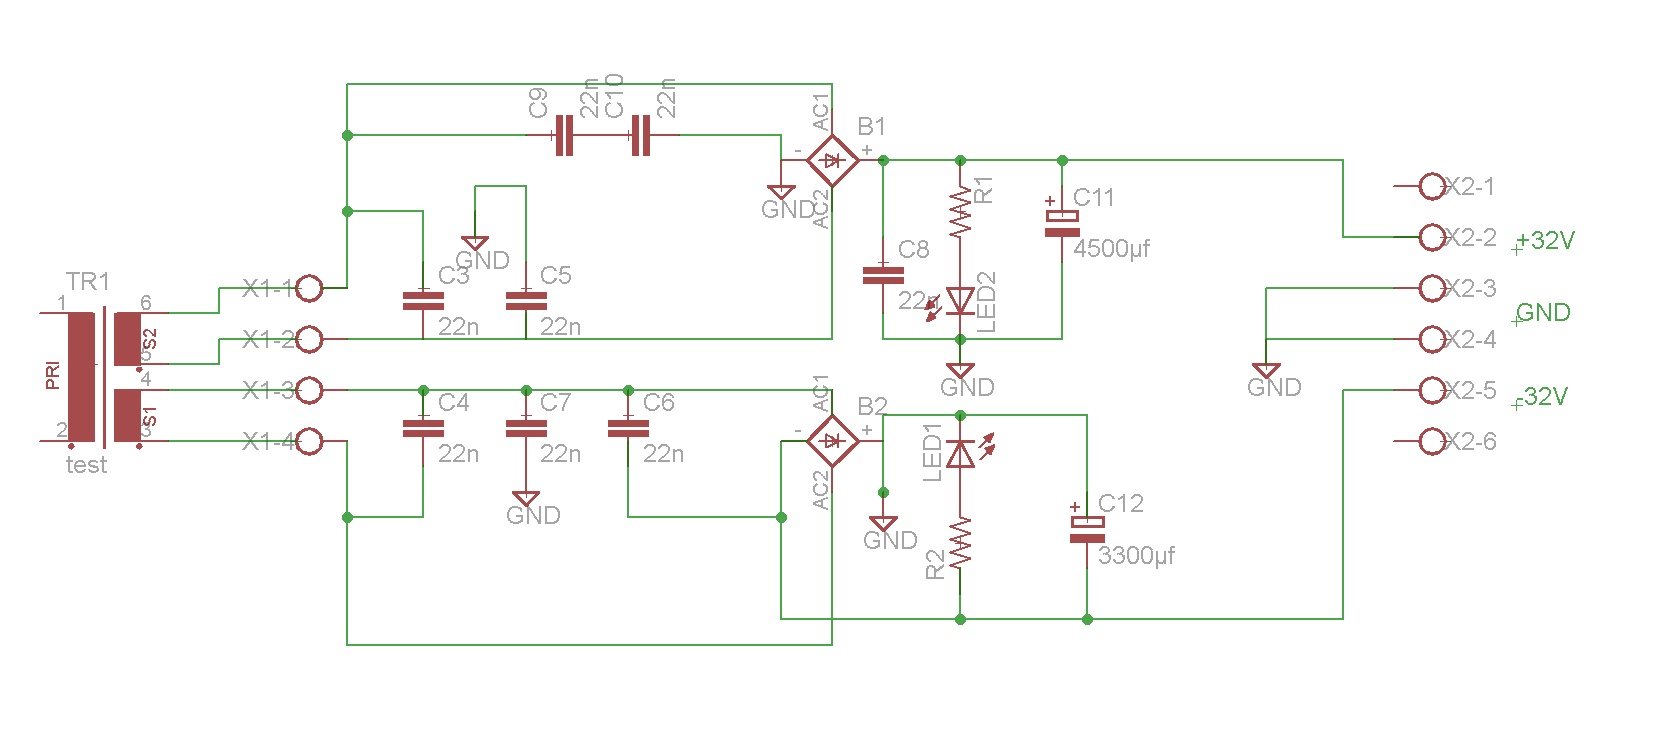 Rinkerntrafo nach Gleichrichter Parallel schalten - Mikrocontroller.net